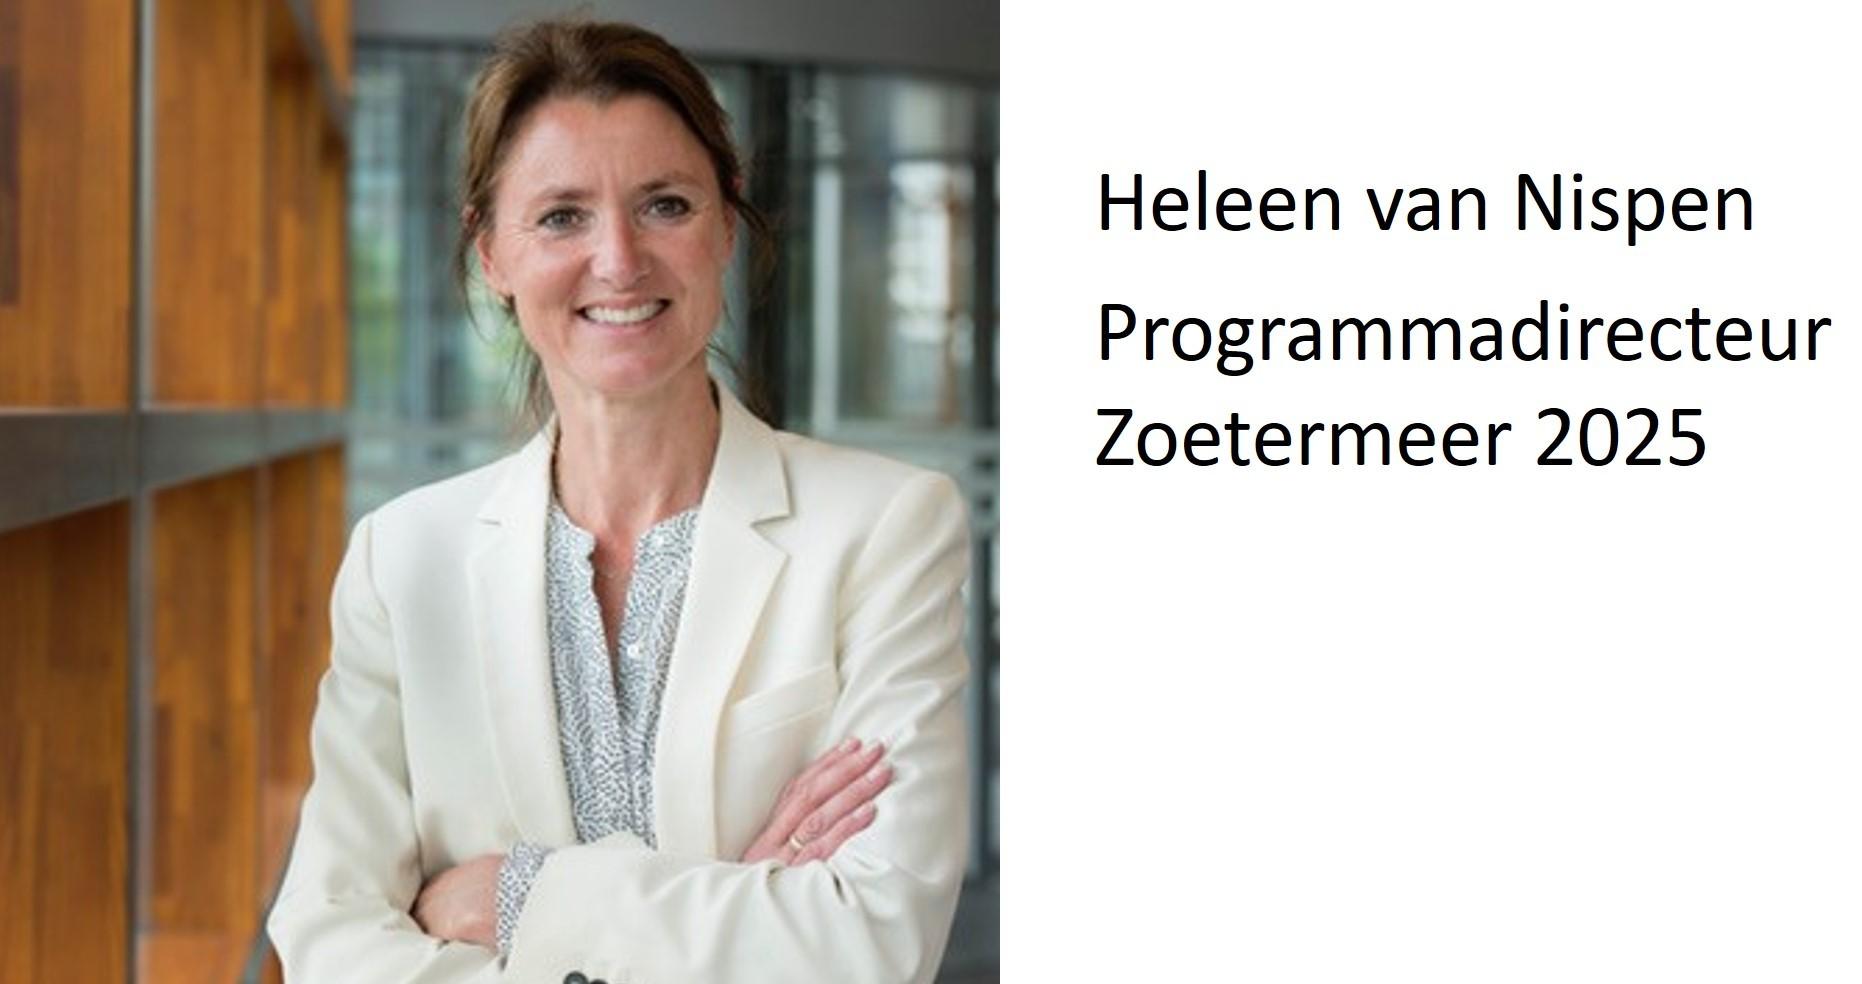 Heleen van Nispen